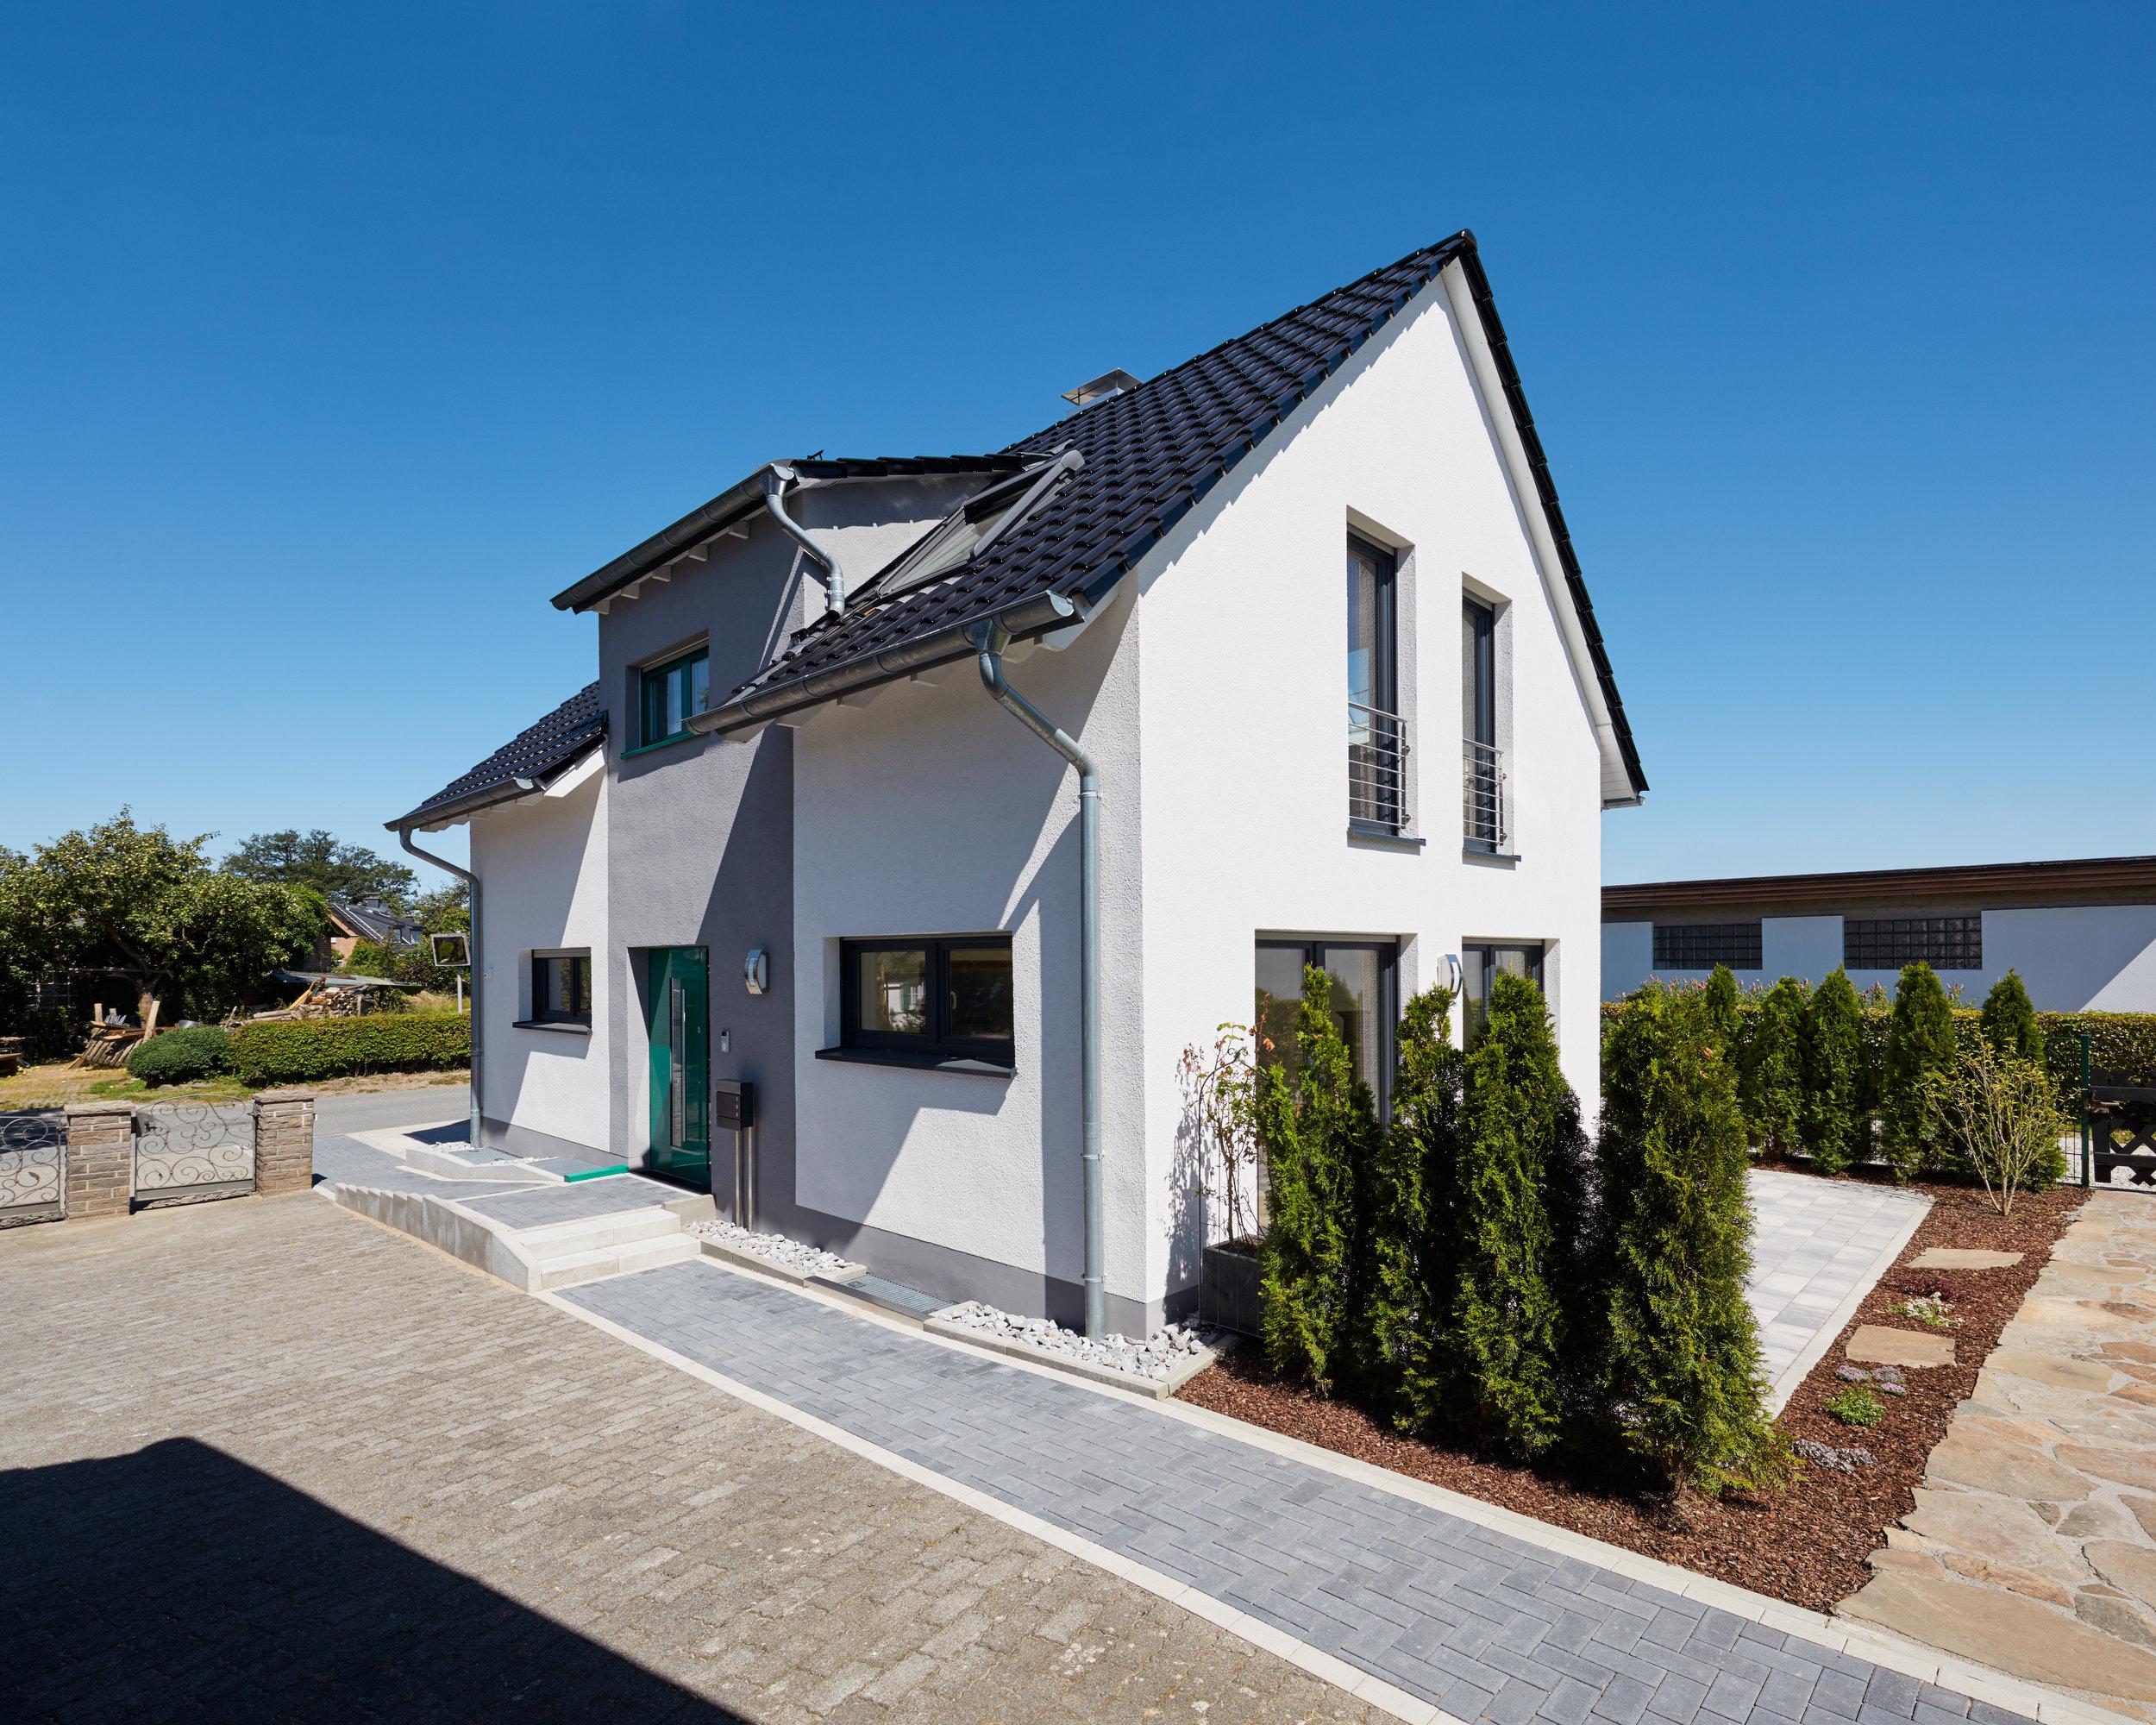 Einfamilienhaus-barrierefrei 15.jpg